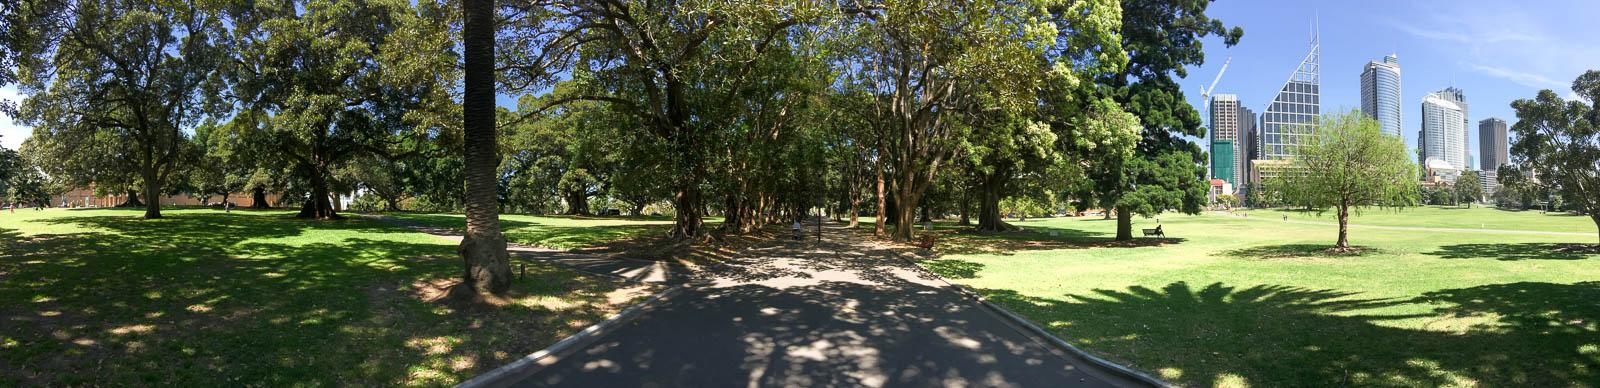 sydney-royal-botanic-gardens6